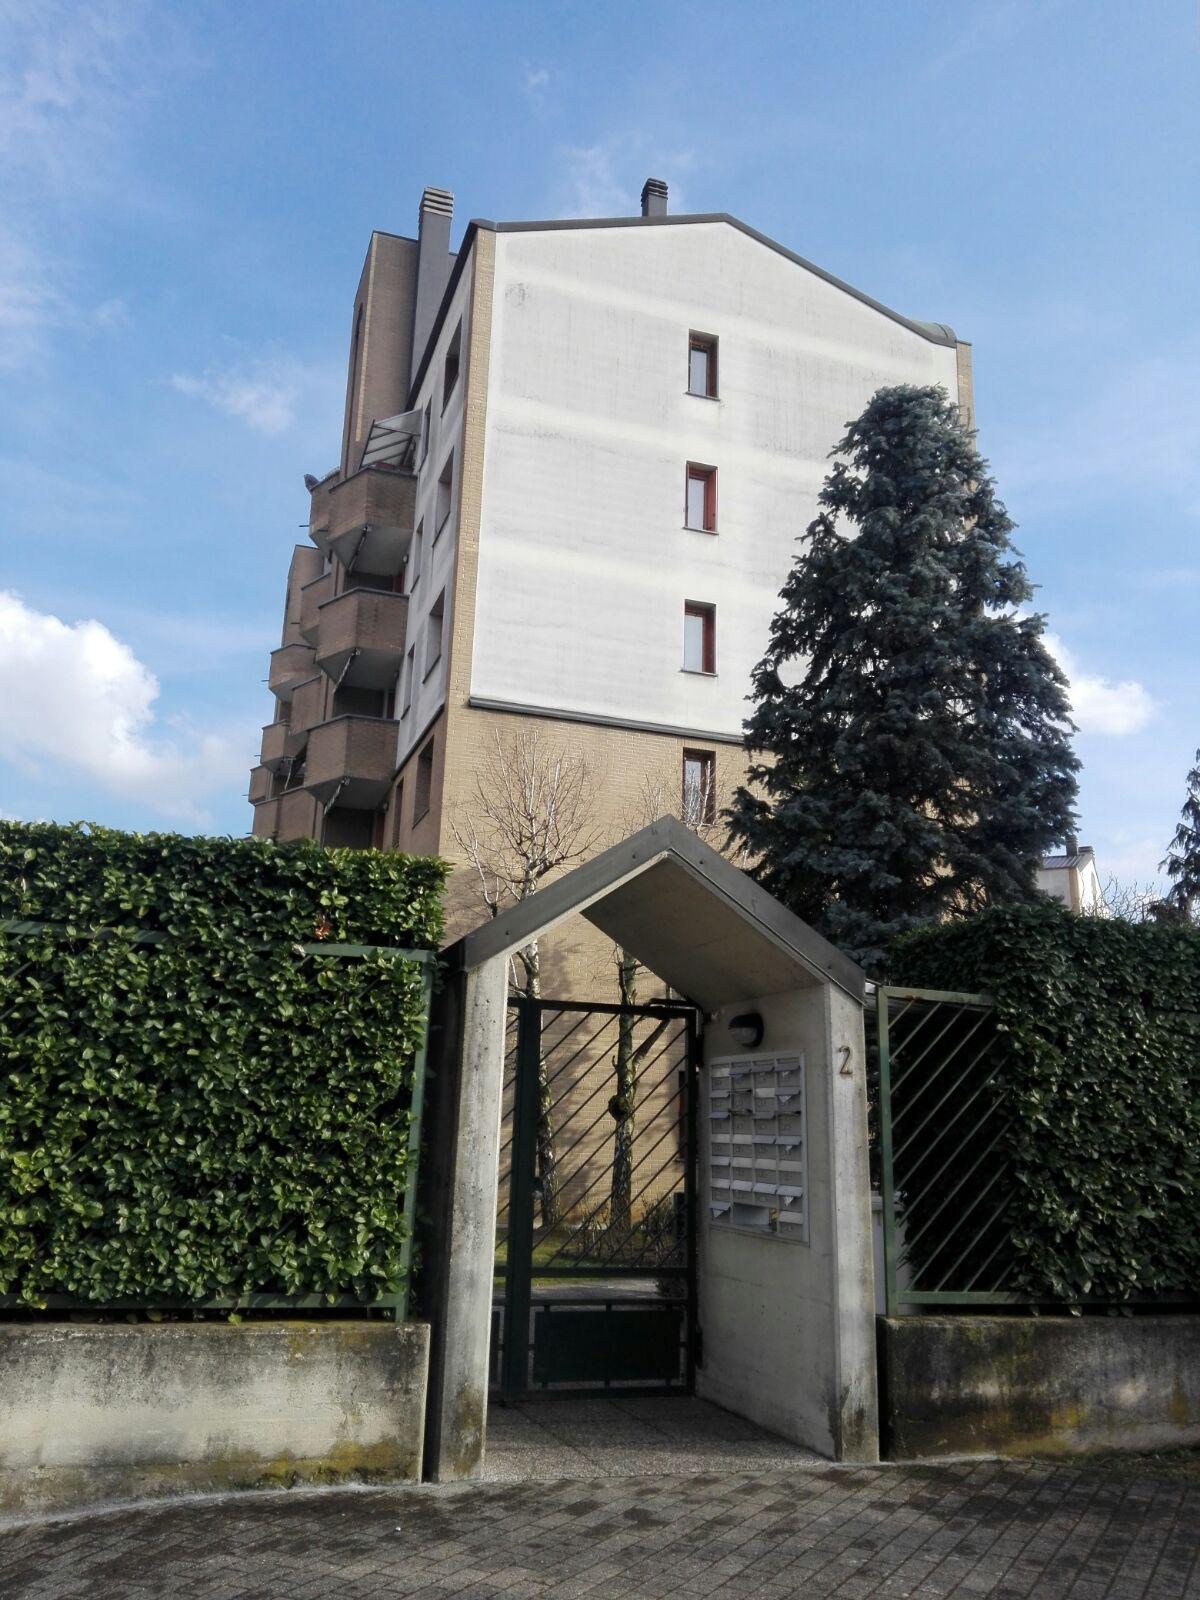 Contratti porta a porta, un residente infastidito chiama i Carabinieri